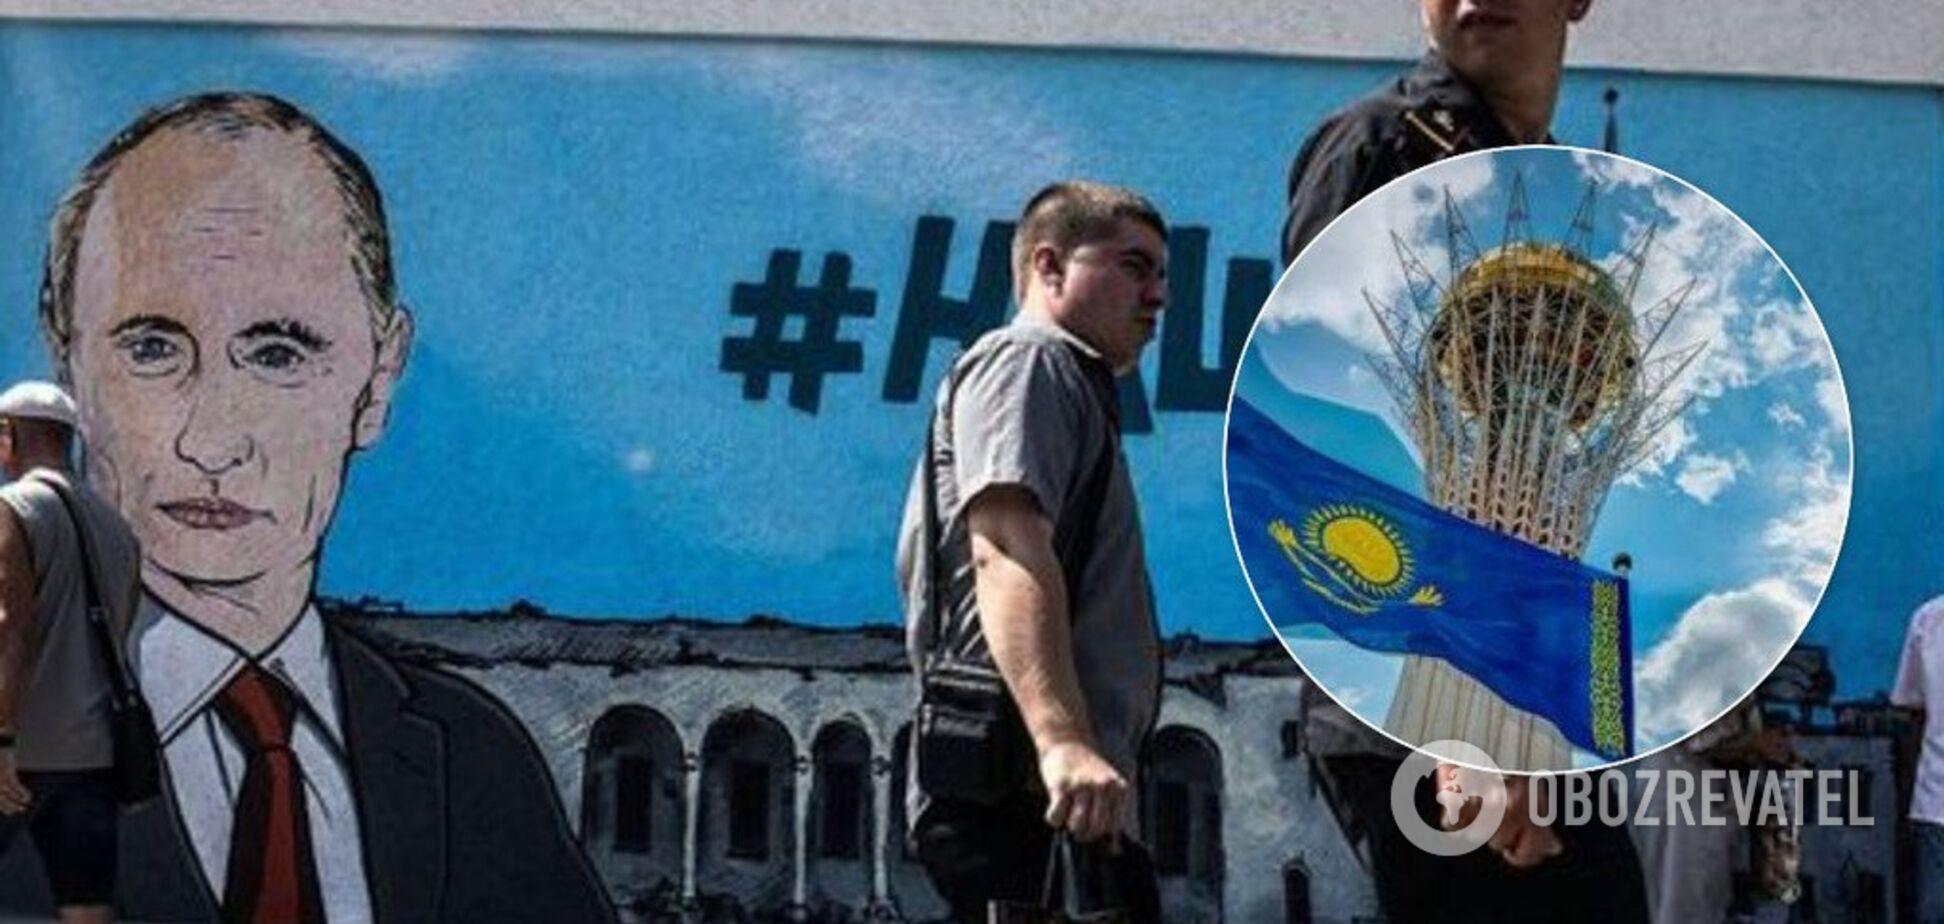 Контракт на $10 млн: Казахстан решился вести бизнес с оккупантами в Крыму